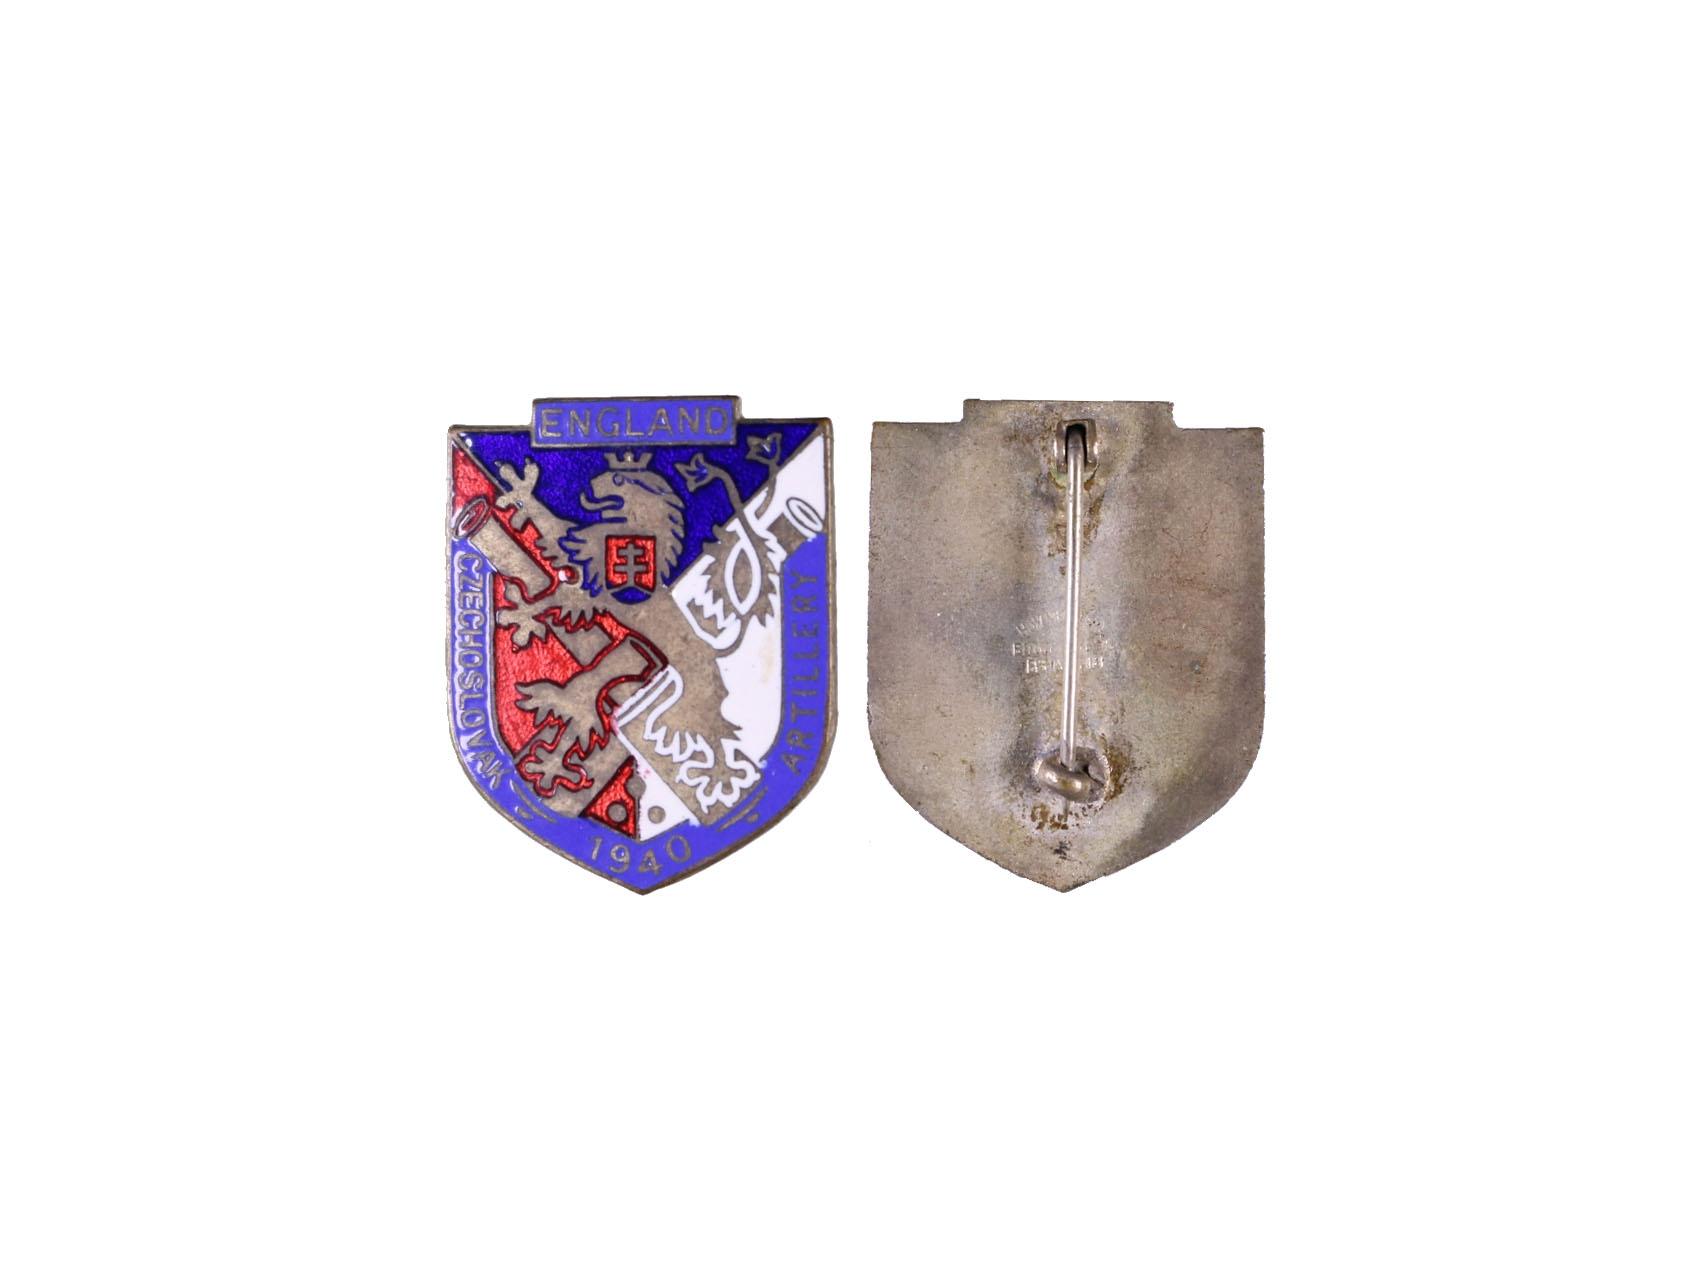 Pamětní odznak čs. dělostřelců v Anglii 1940, smaltovaný, výrobce H.W.Miller Velká Británie, obecný kov postříbřený, smalty, rozměry 34,5x28 mm